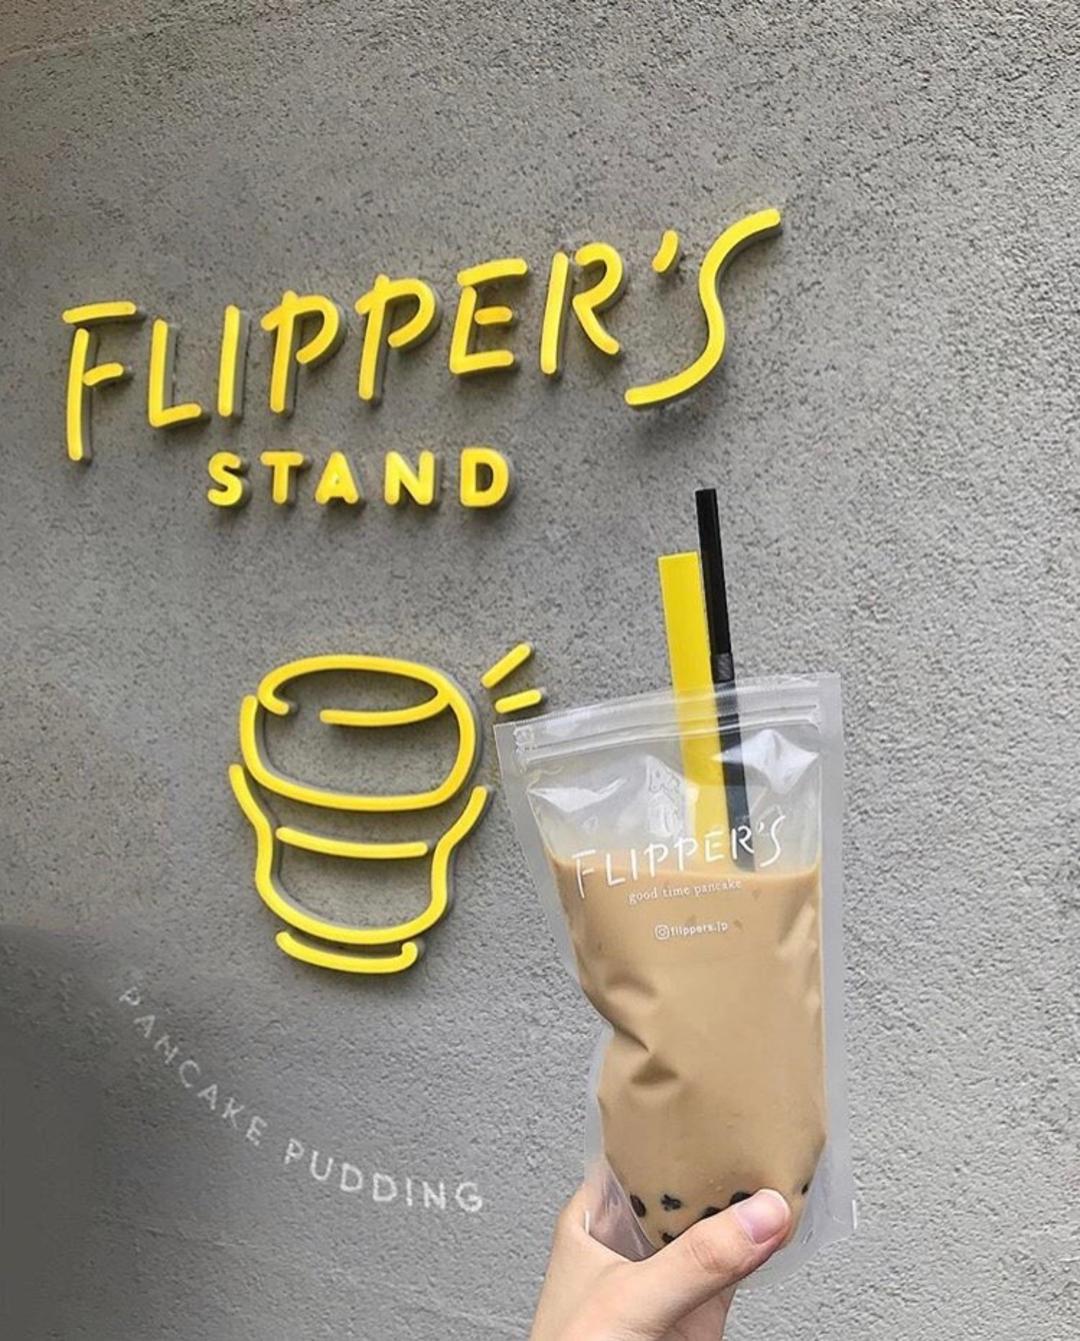 容れ物がカワイイ!パンケーキ有名店「FLIPPER'S(フリッパーズ)」